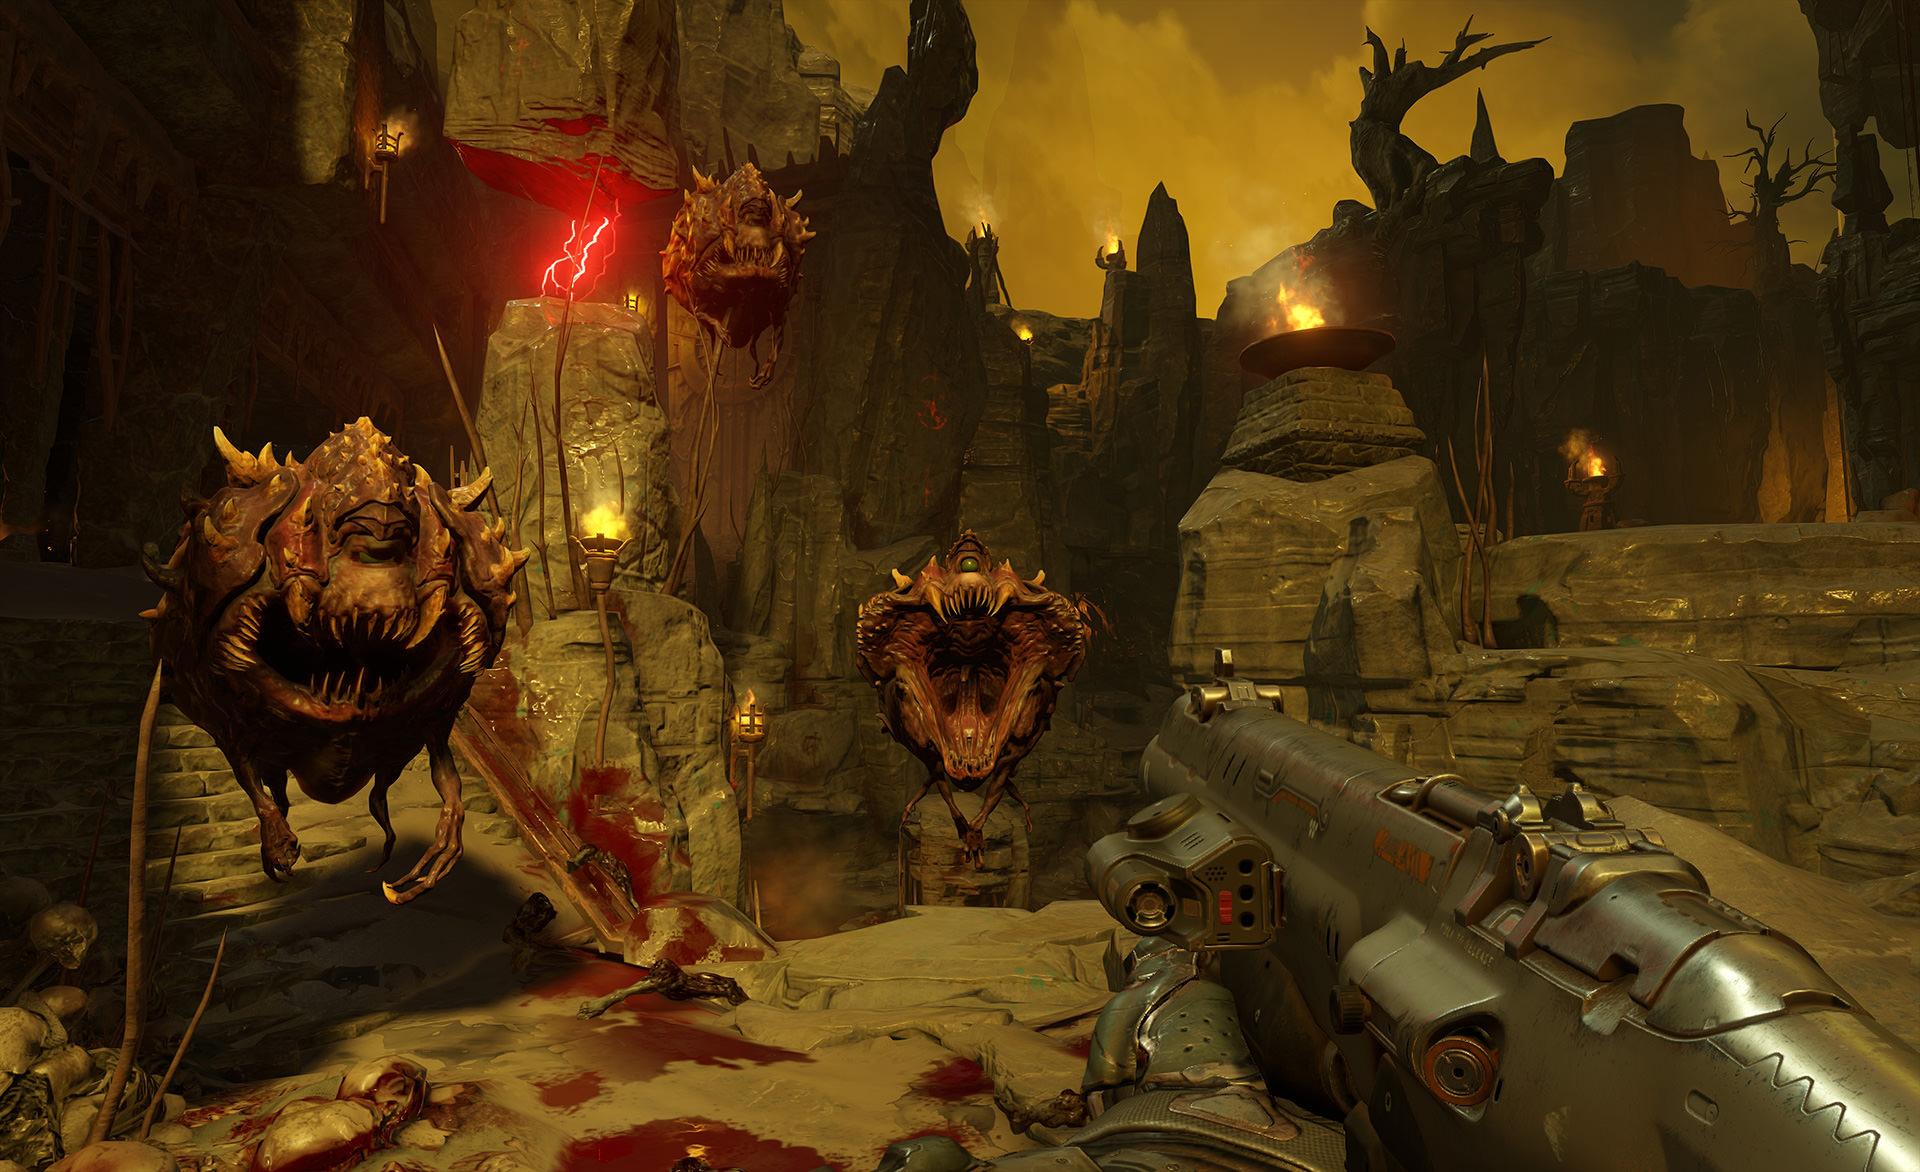 doom 2016, скелет с оружием, необычные и пугающие монстры в играх